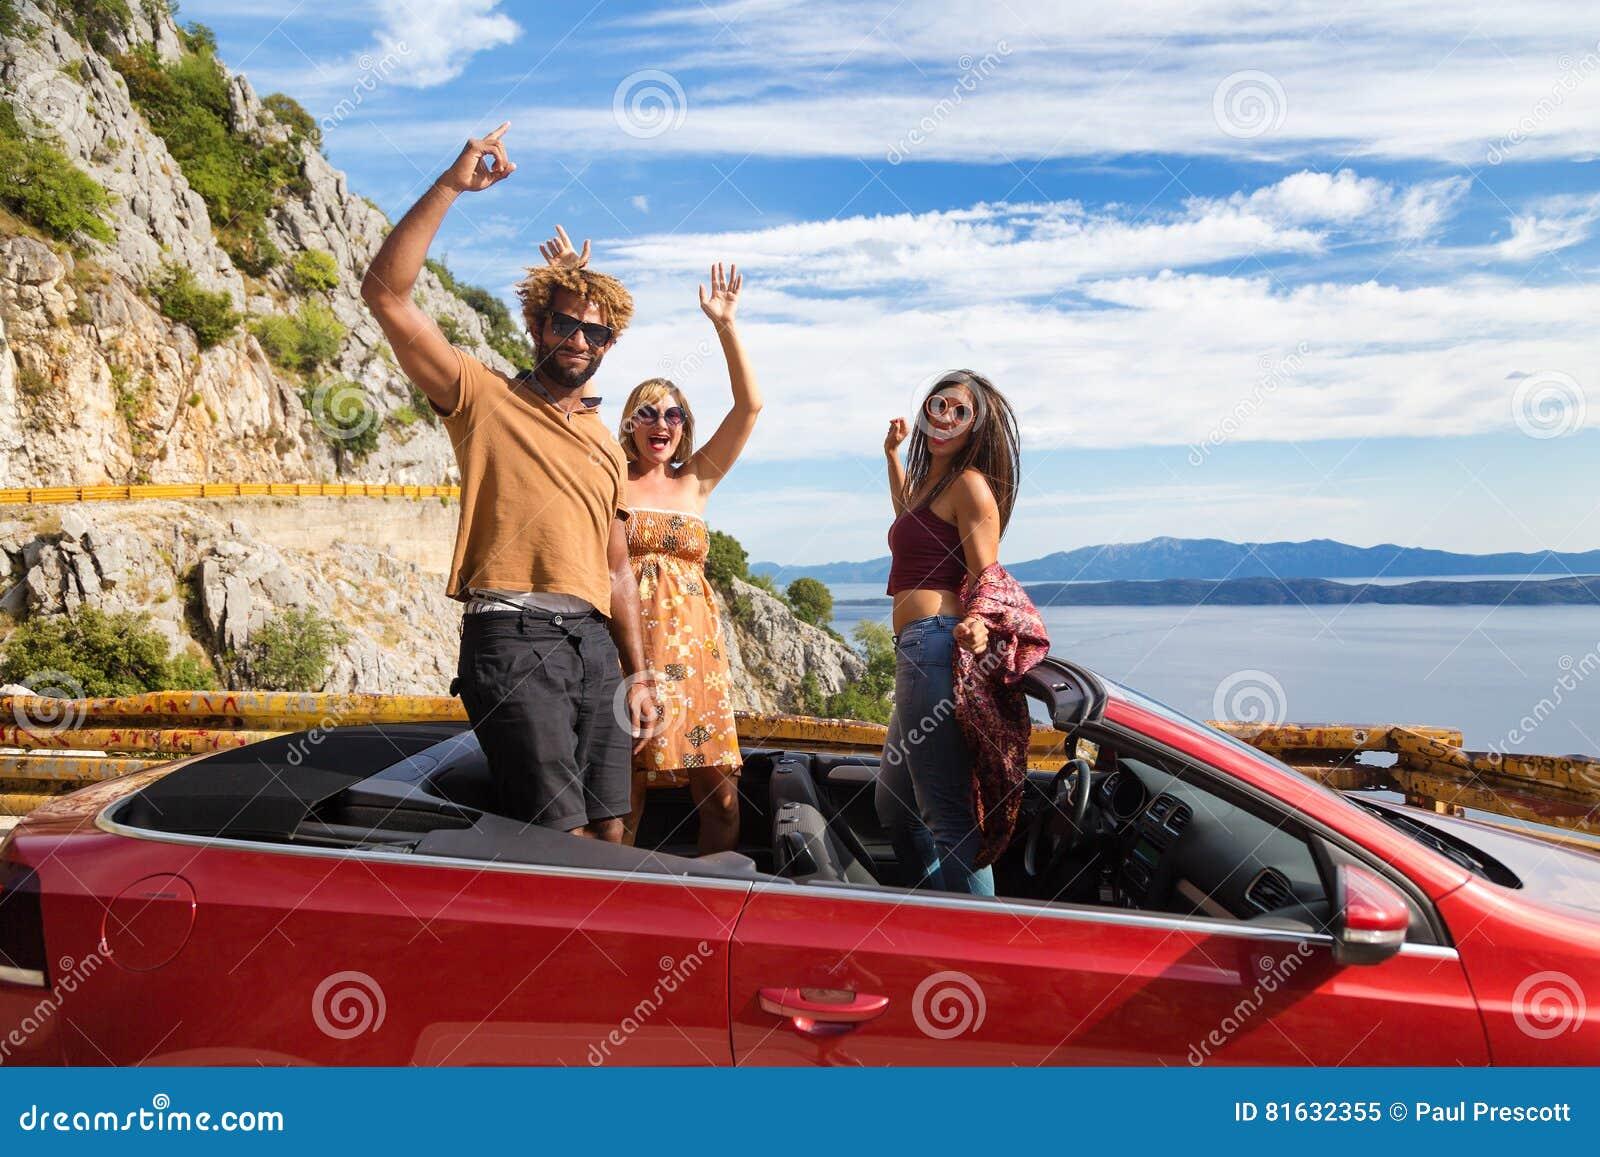 Gruppe glückliche Menschen im roten konvertierbaren Auto